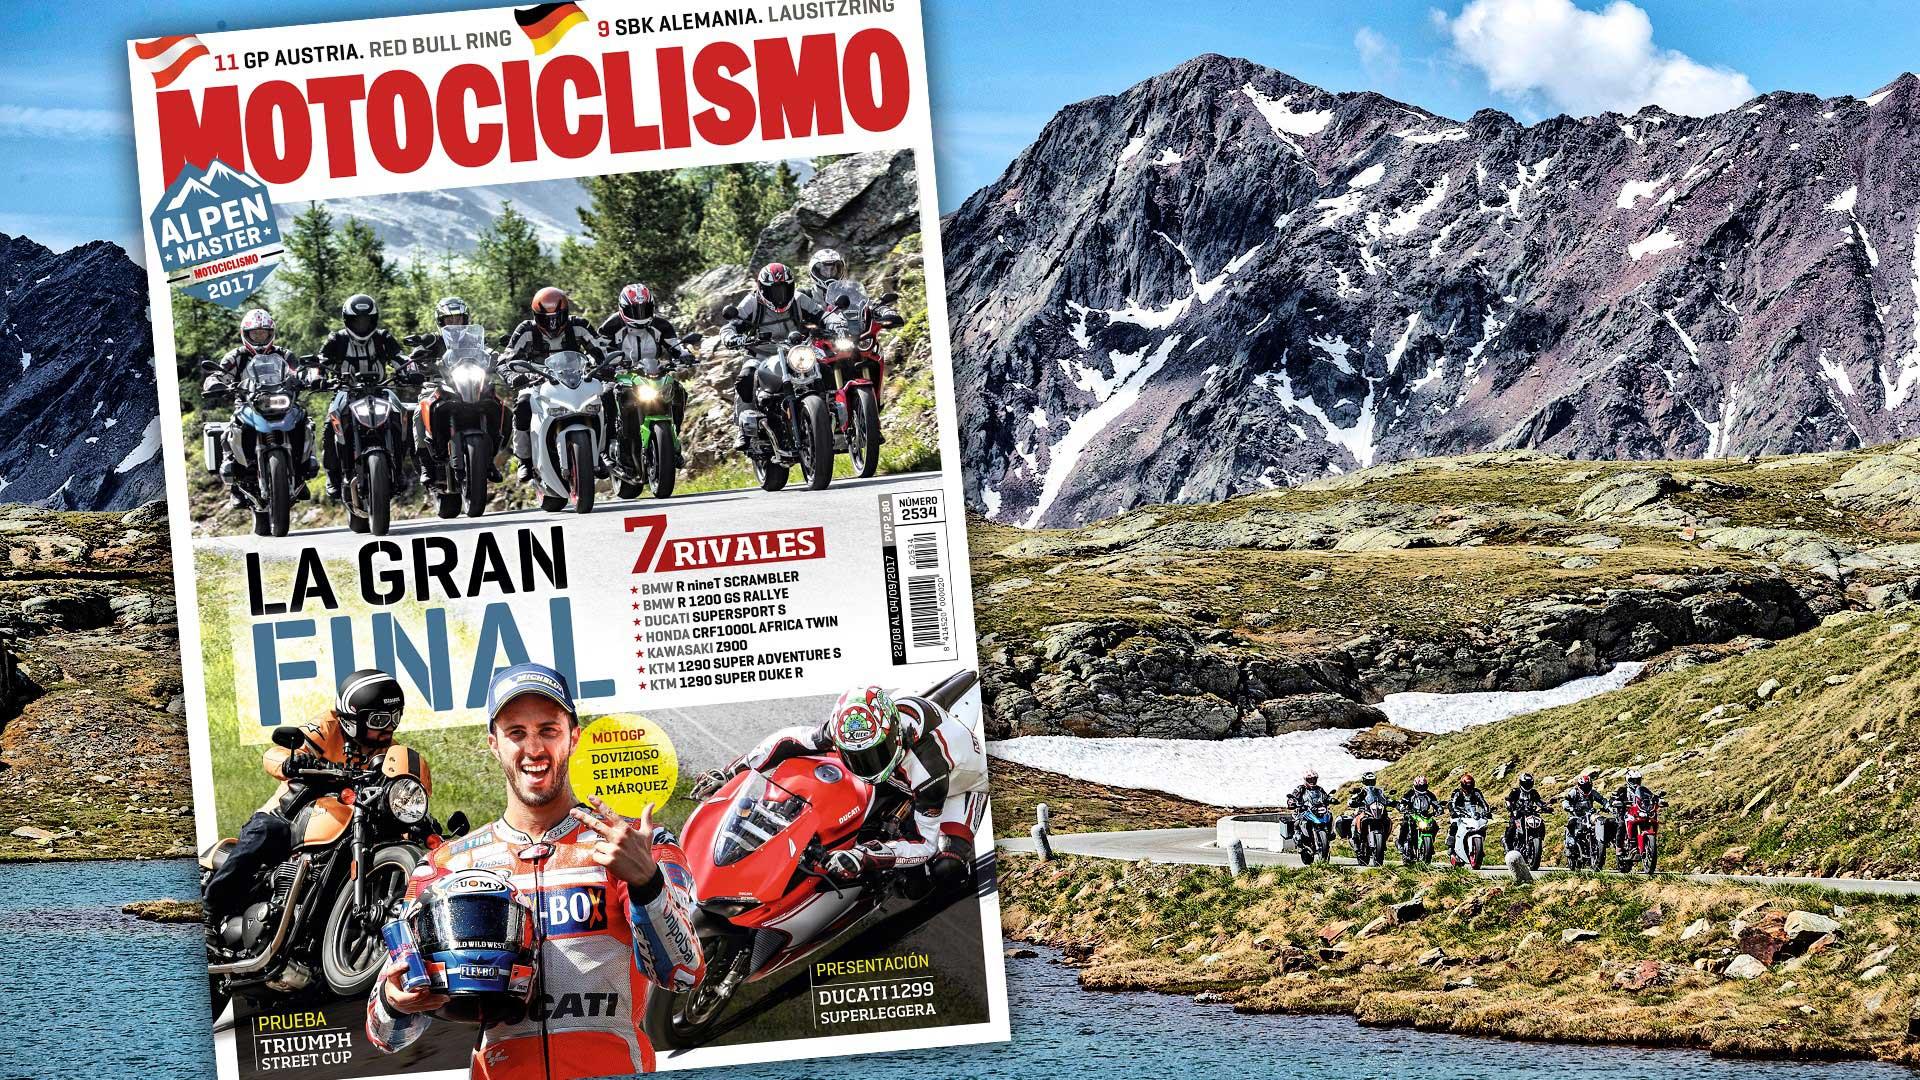 Llega la gran final del Alpen Master 2017